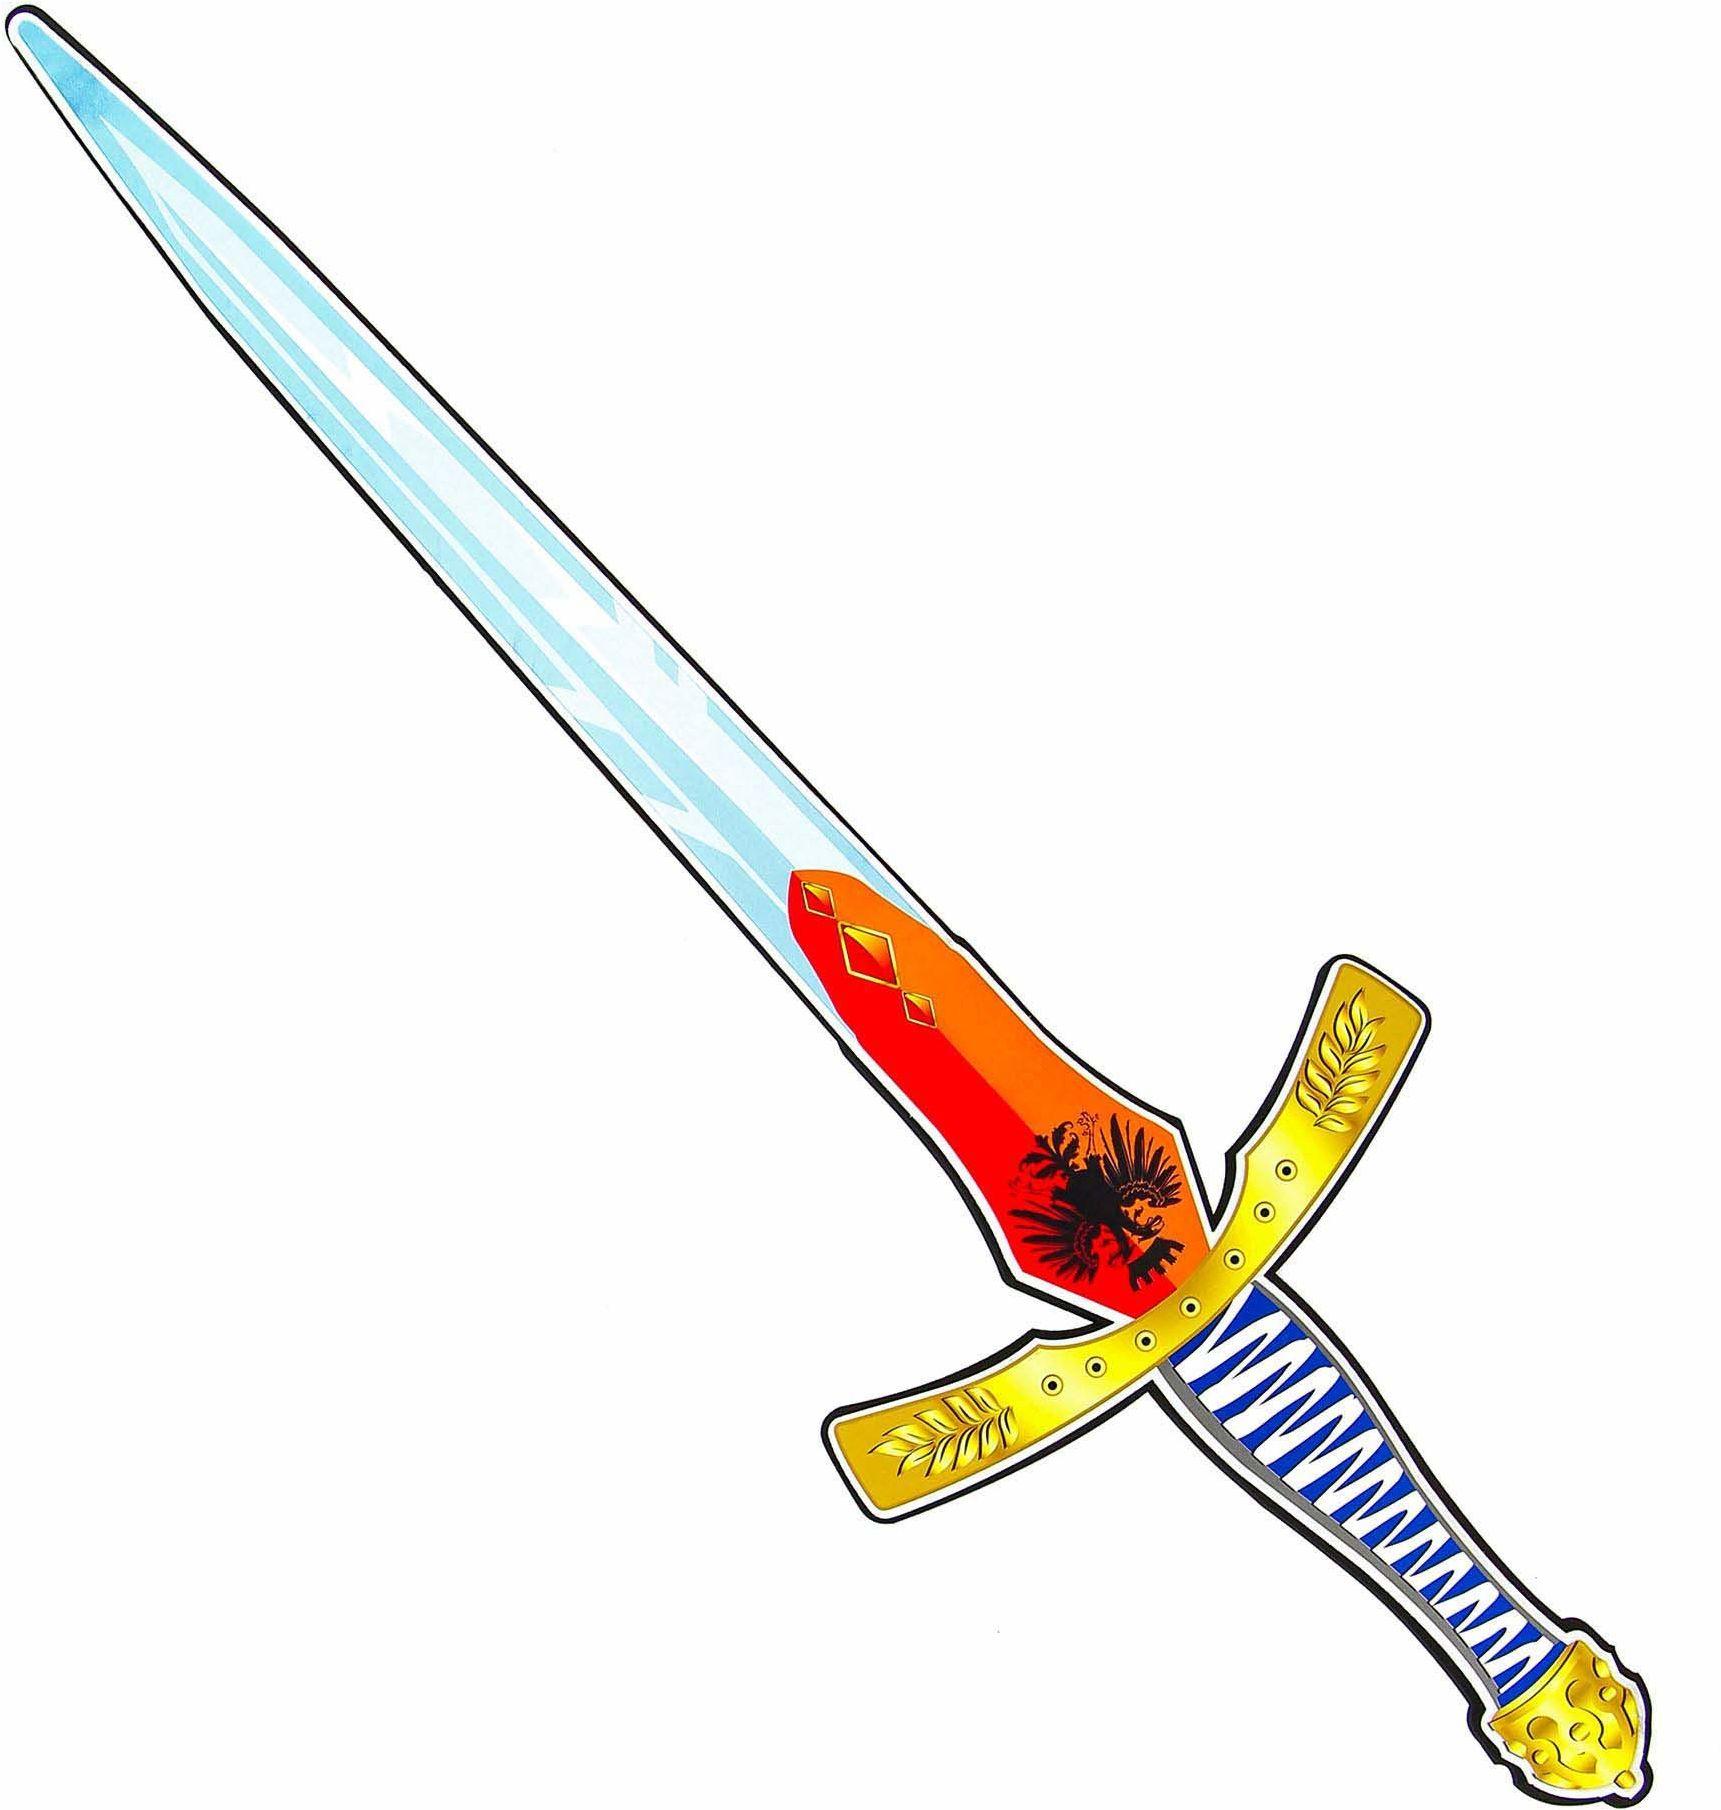 Widmann 97302  miecz rycerski, wykonany z miękkiej pianki, dla dzieci, średniowieczny, miecz do zabawy, broń, żołnierzy, miecz rycerski, impreza tematyczna, karnawał